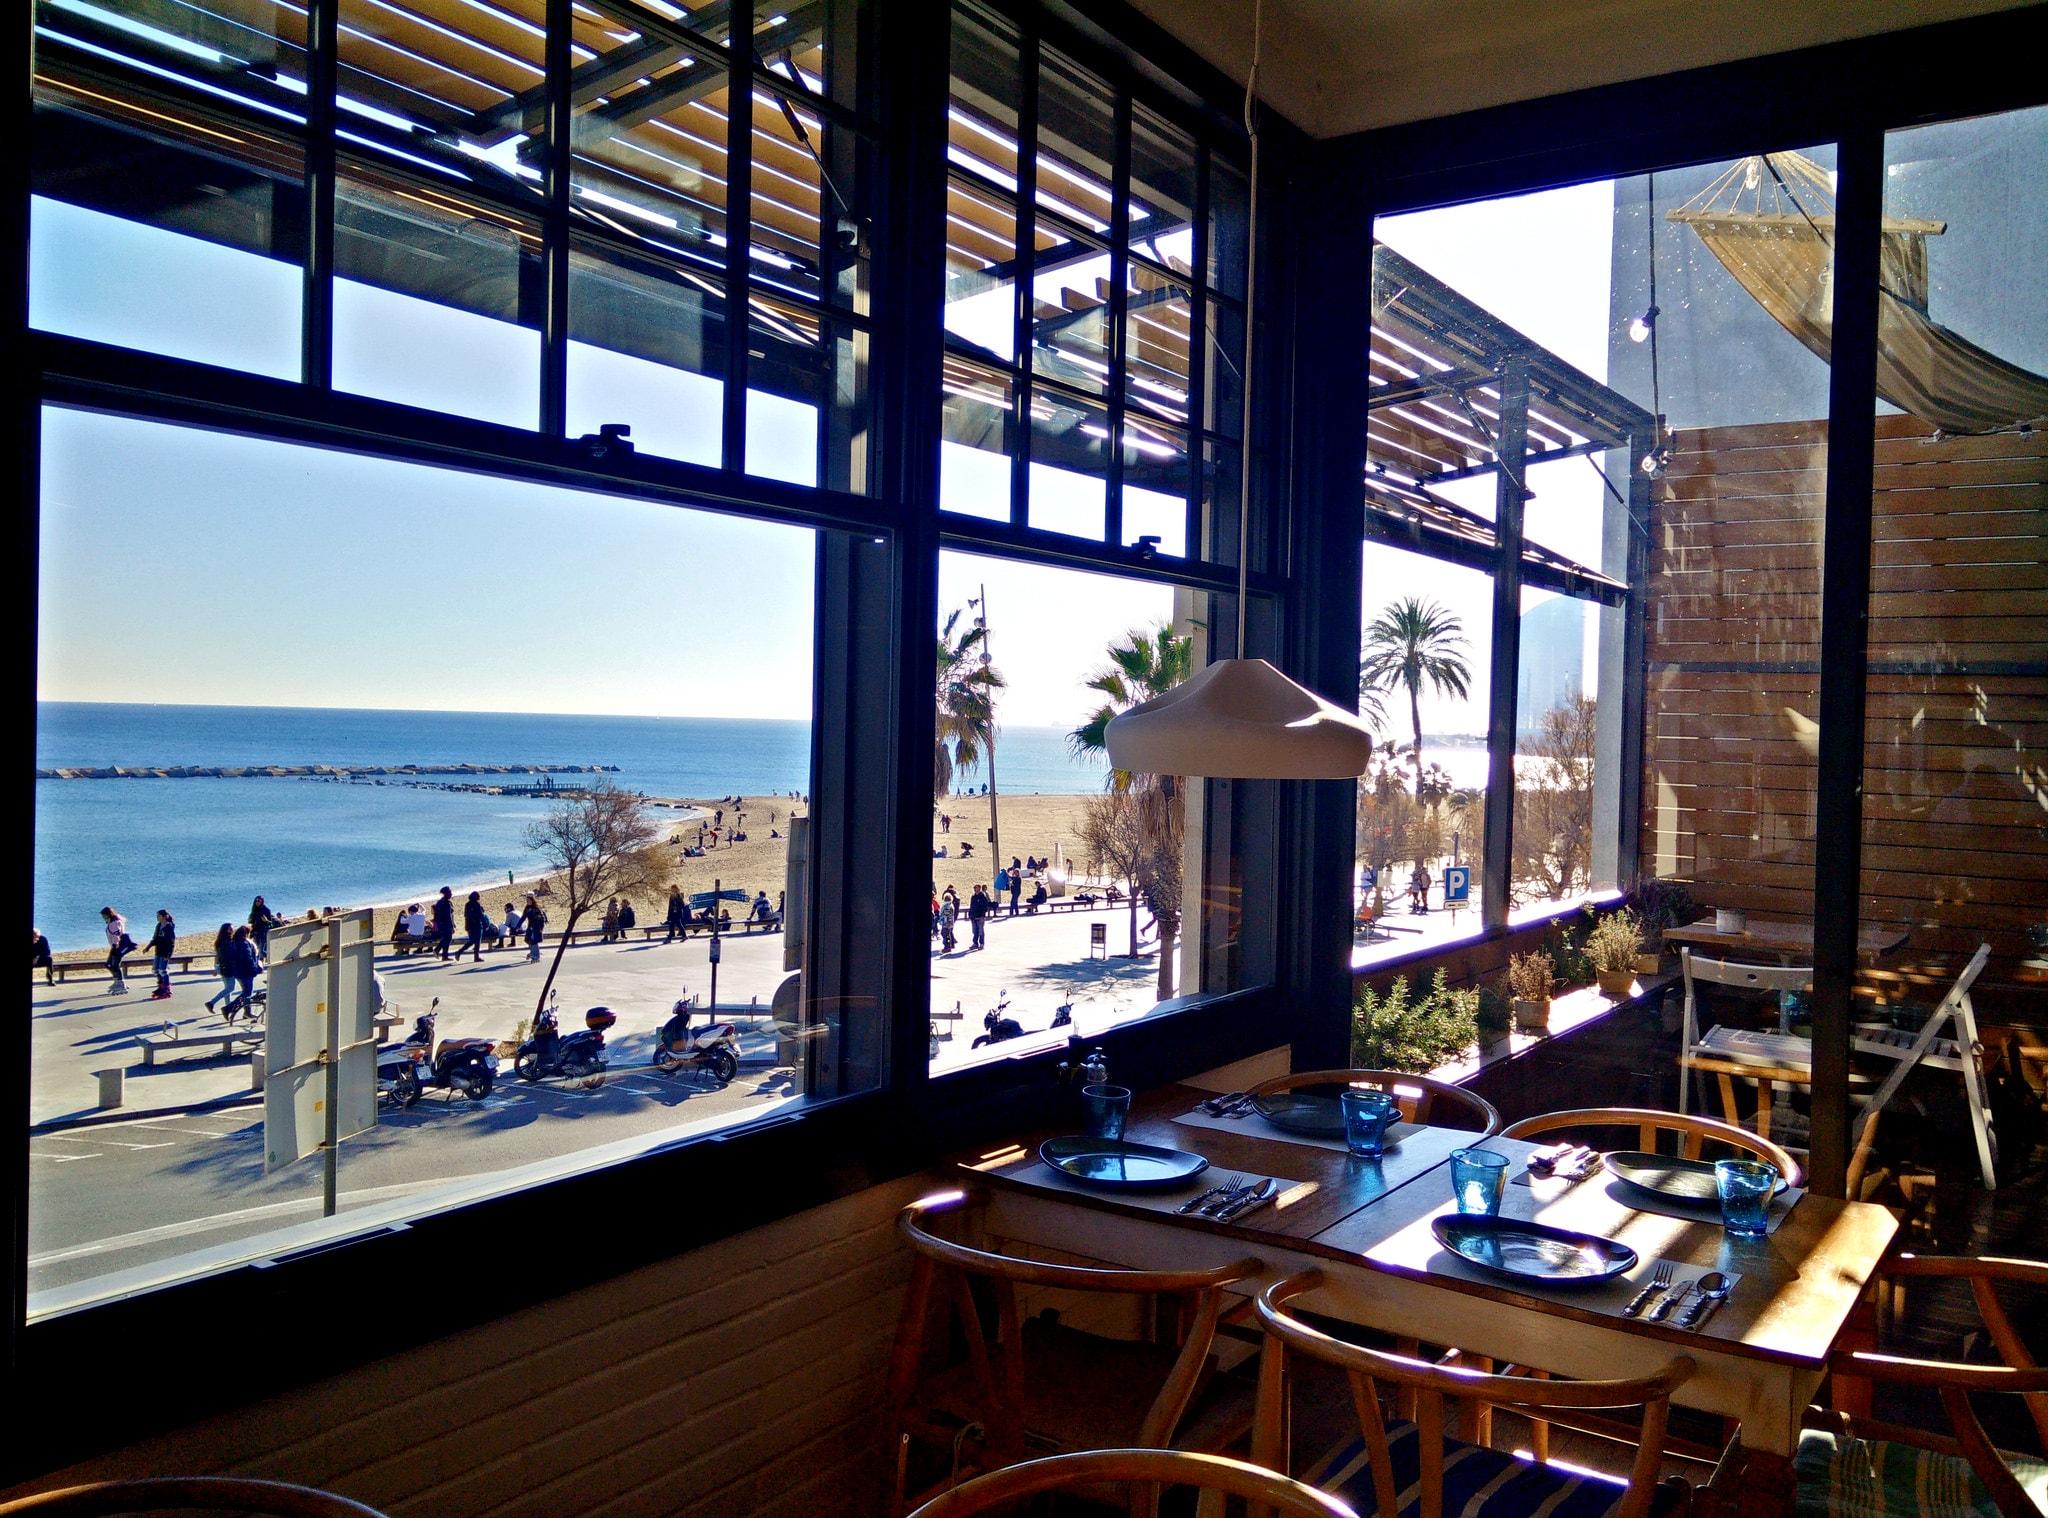 Restaurant Barraca sur la promenade de la Barceloneta - Choses à Faire à Barcelone